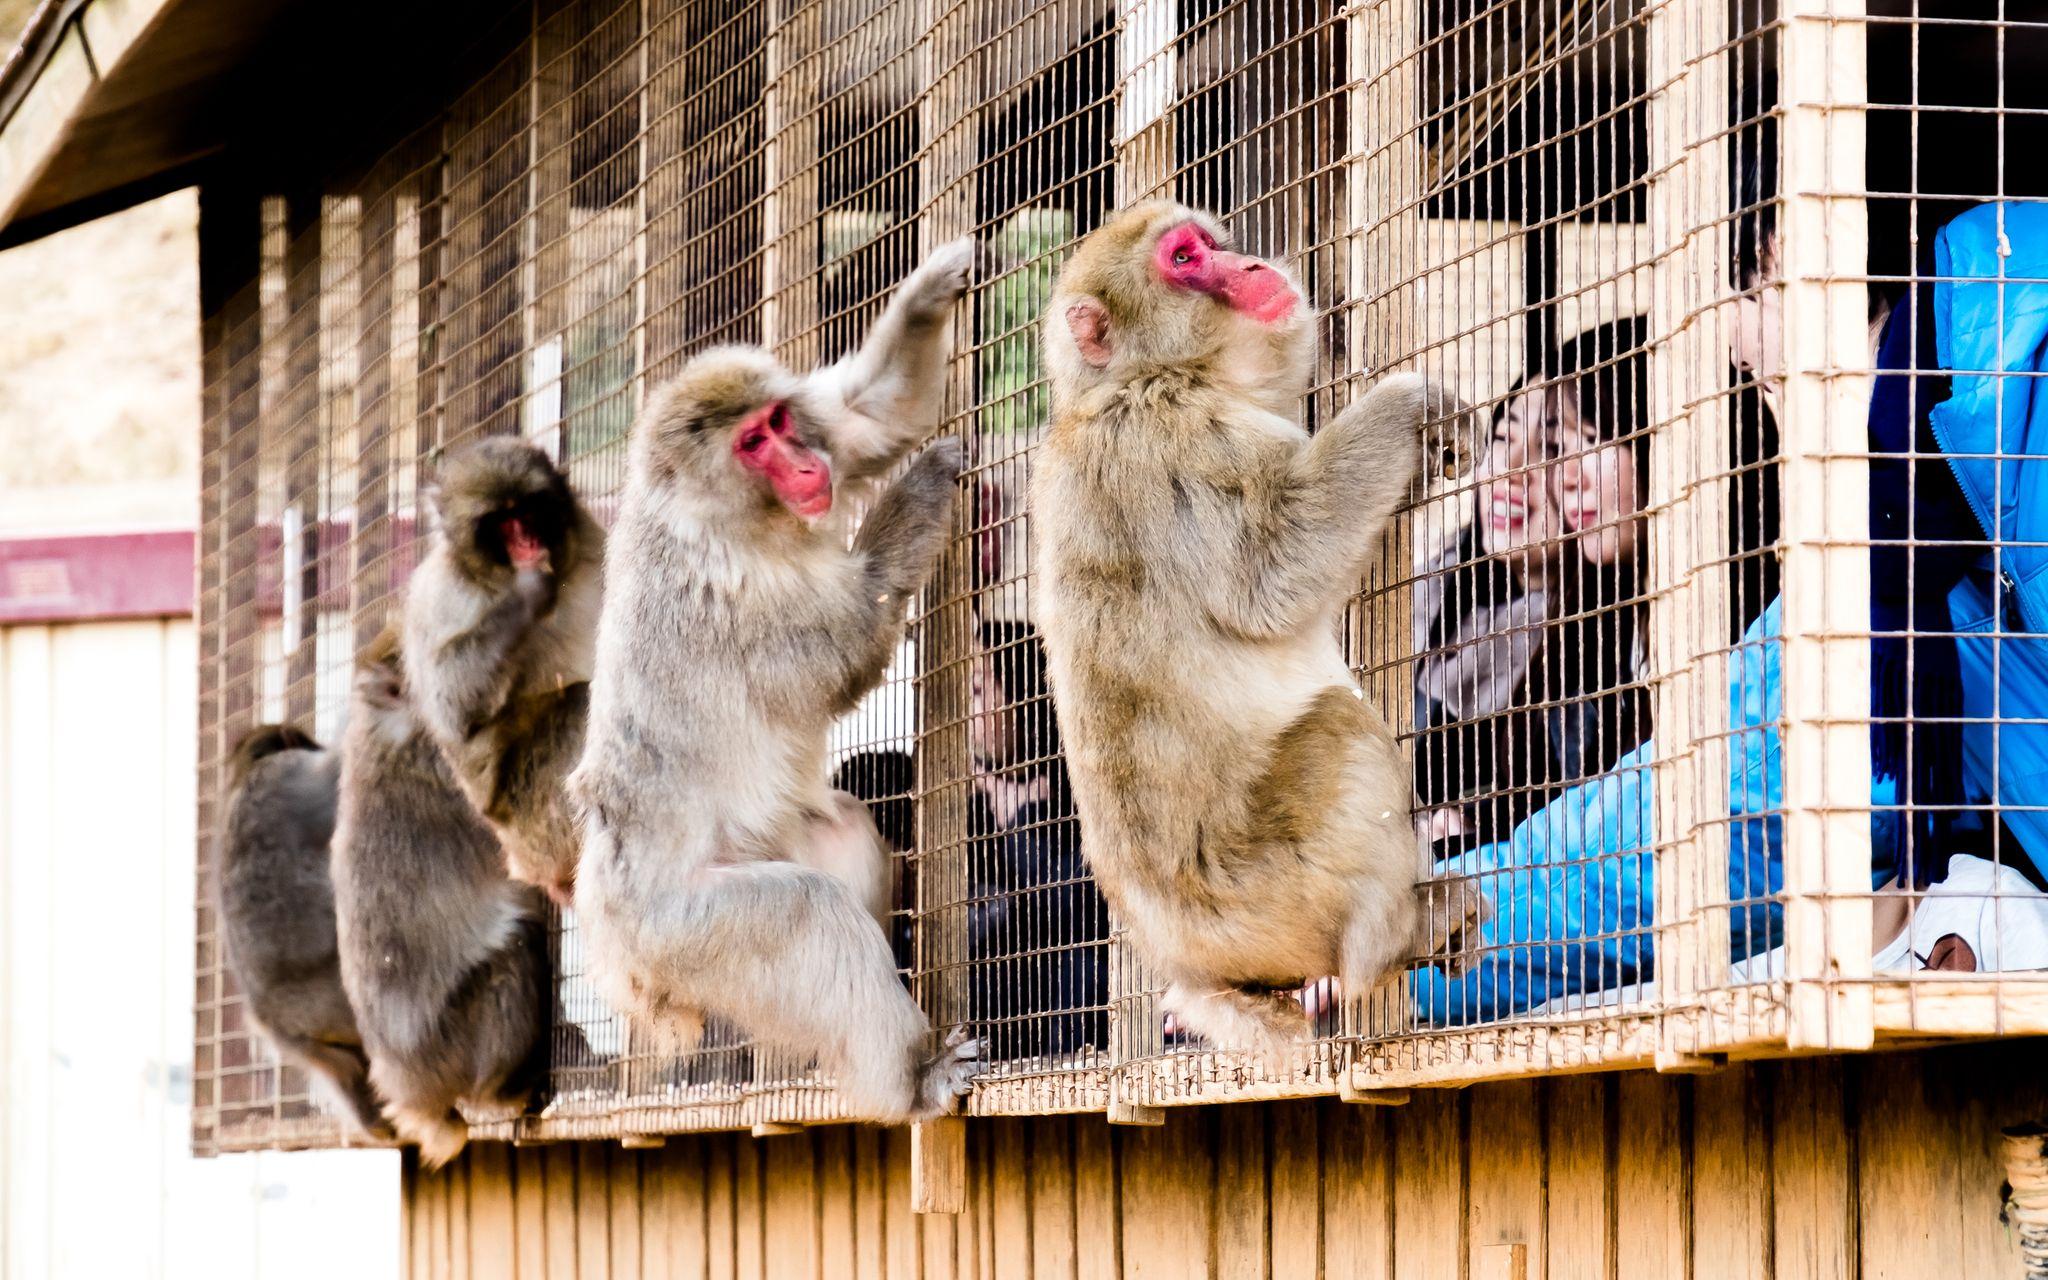 cage for humans, Iwatayama Monkey Park